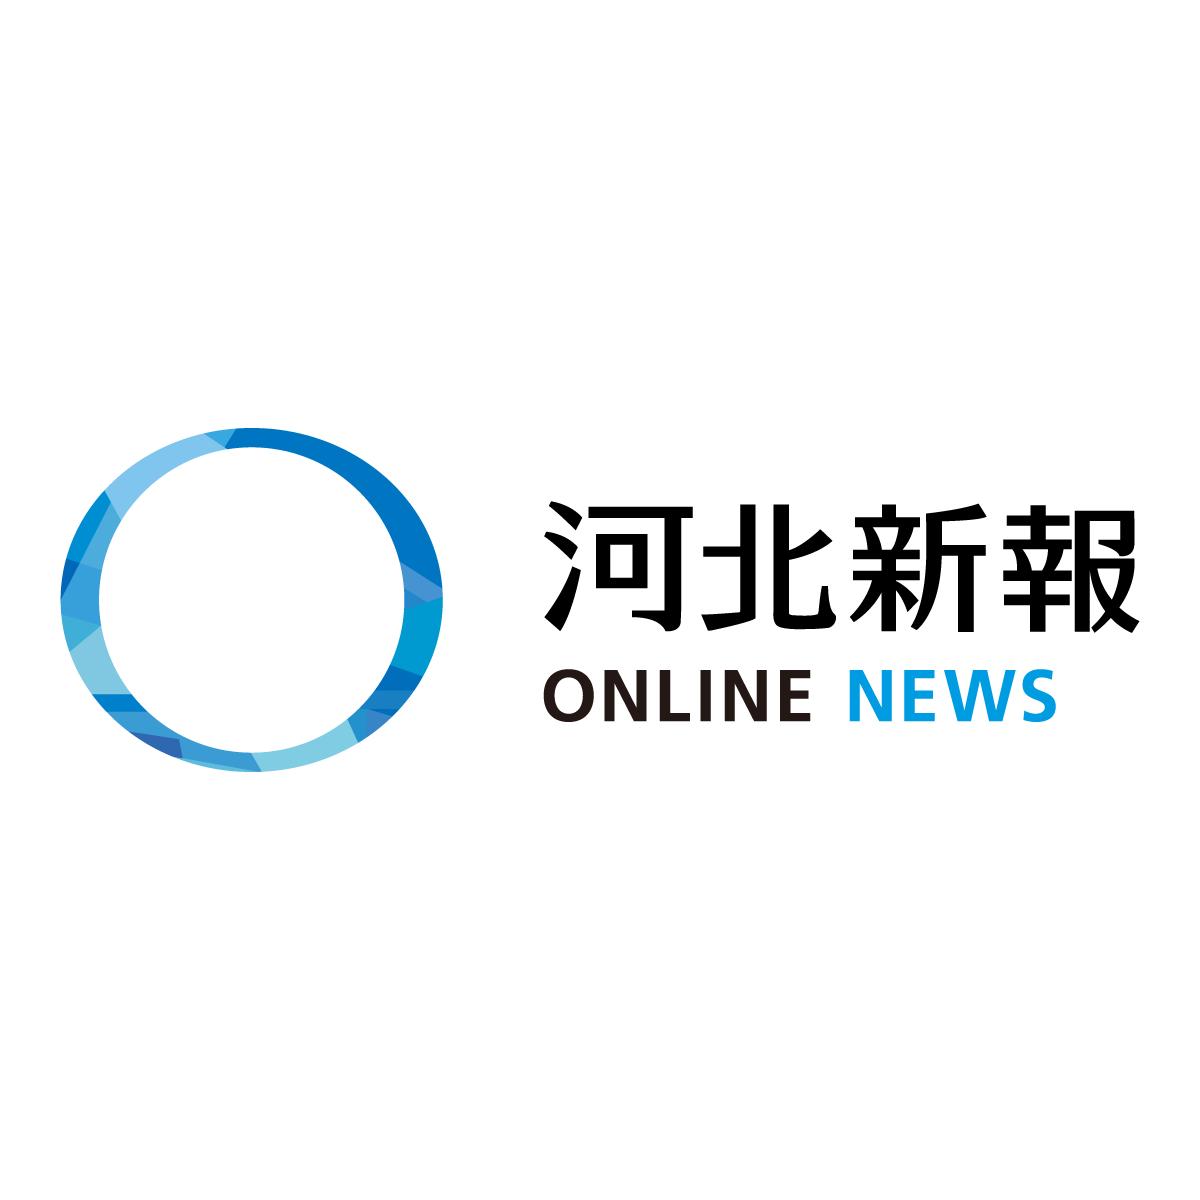 河北抄(2/5):春の兆し | 河北新報オンラインニュース / ONLINE NEWS